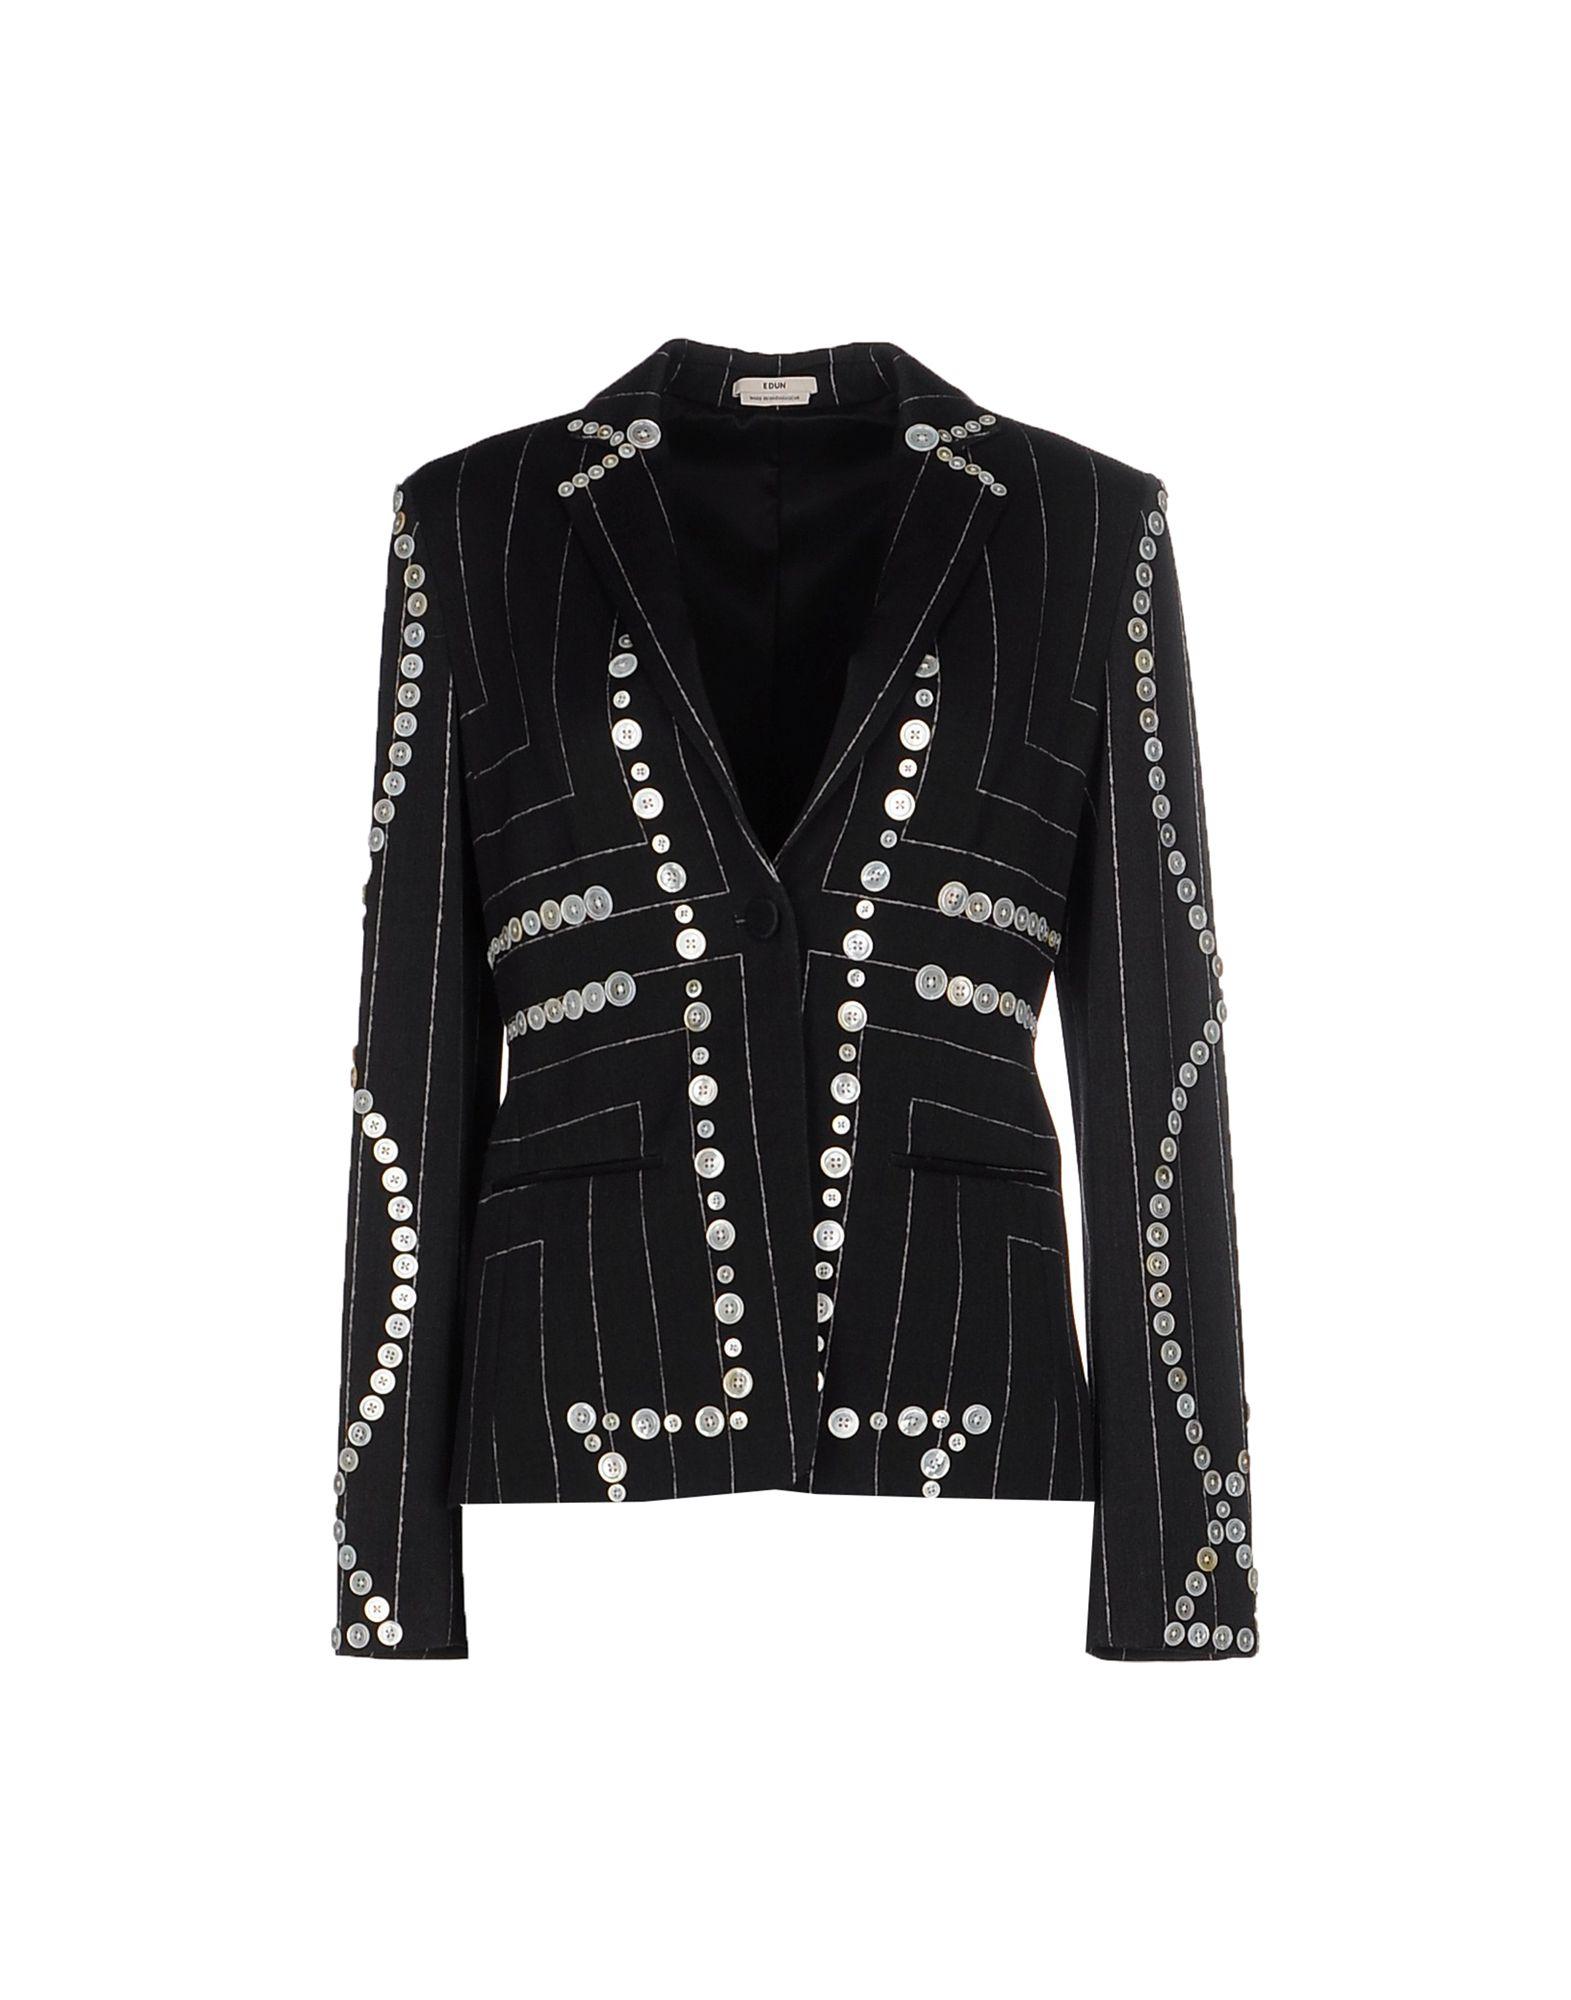 EDUN Пиджак шерстяной пиджак мужской купить в москве